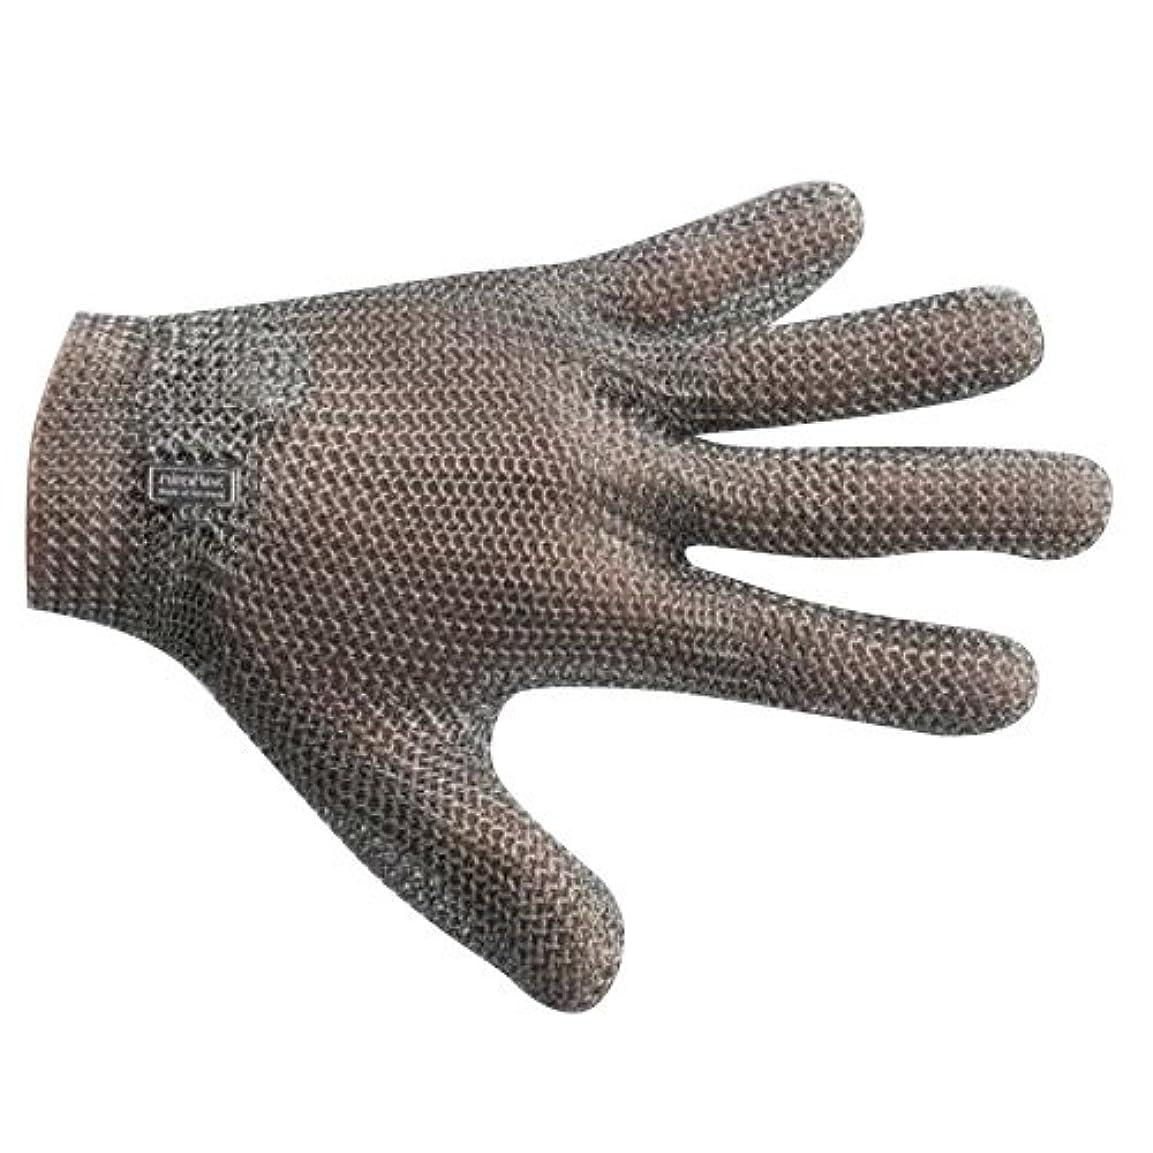 問い合わせるシートレタス宇都宮製作 GU-2500 ステンレスメッシュ手袋 5本指(左右兼用) SS